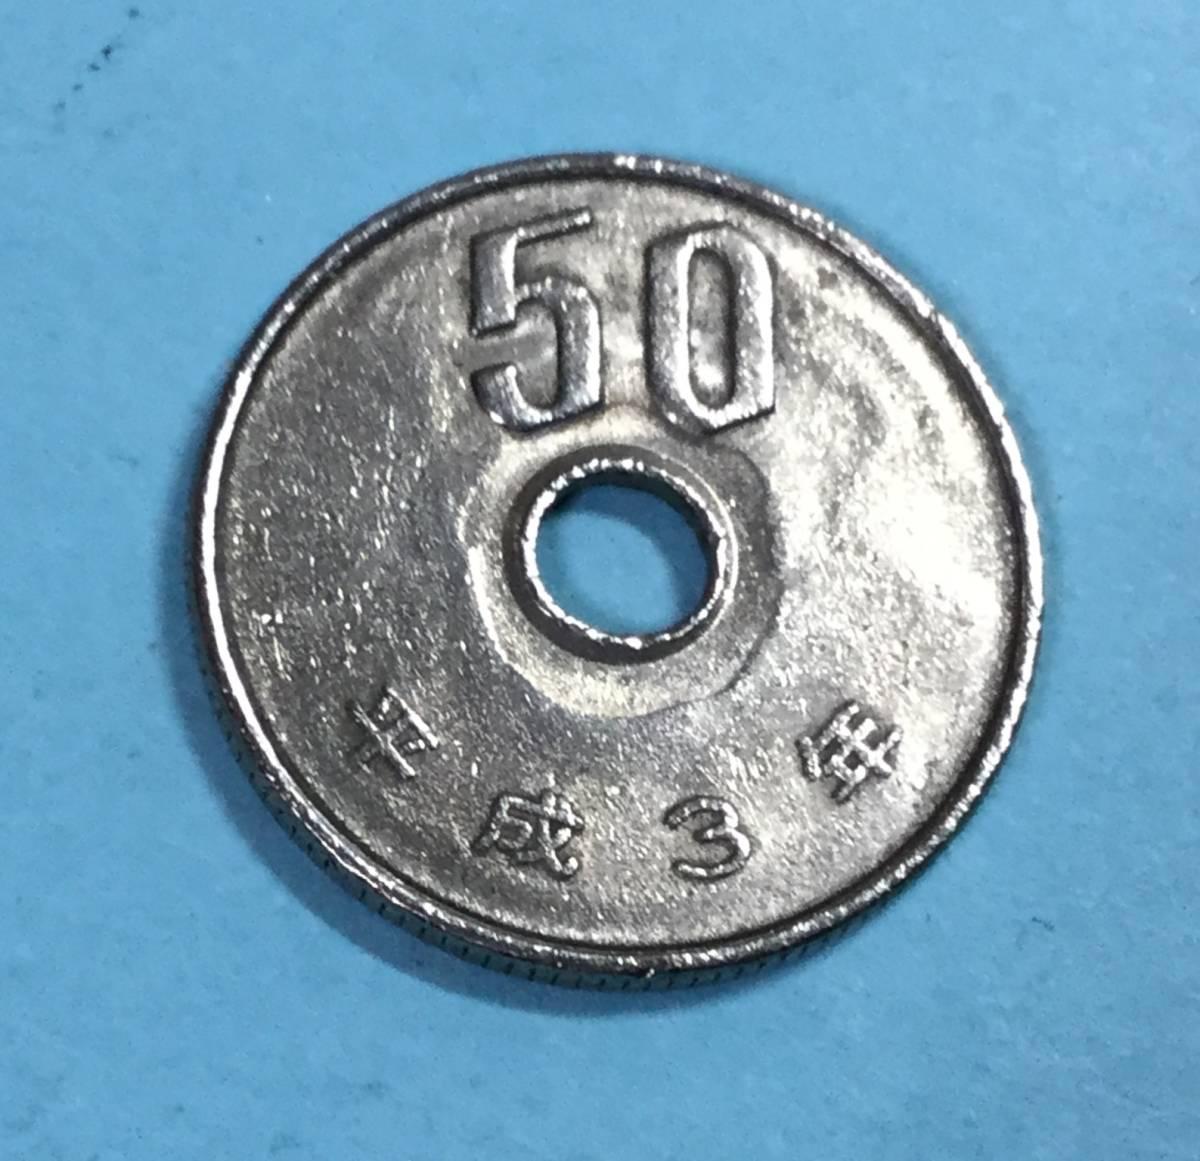 エラー コイン